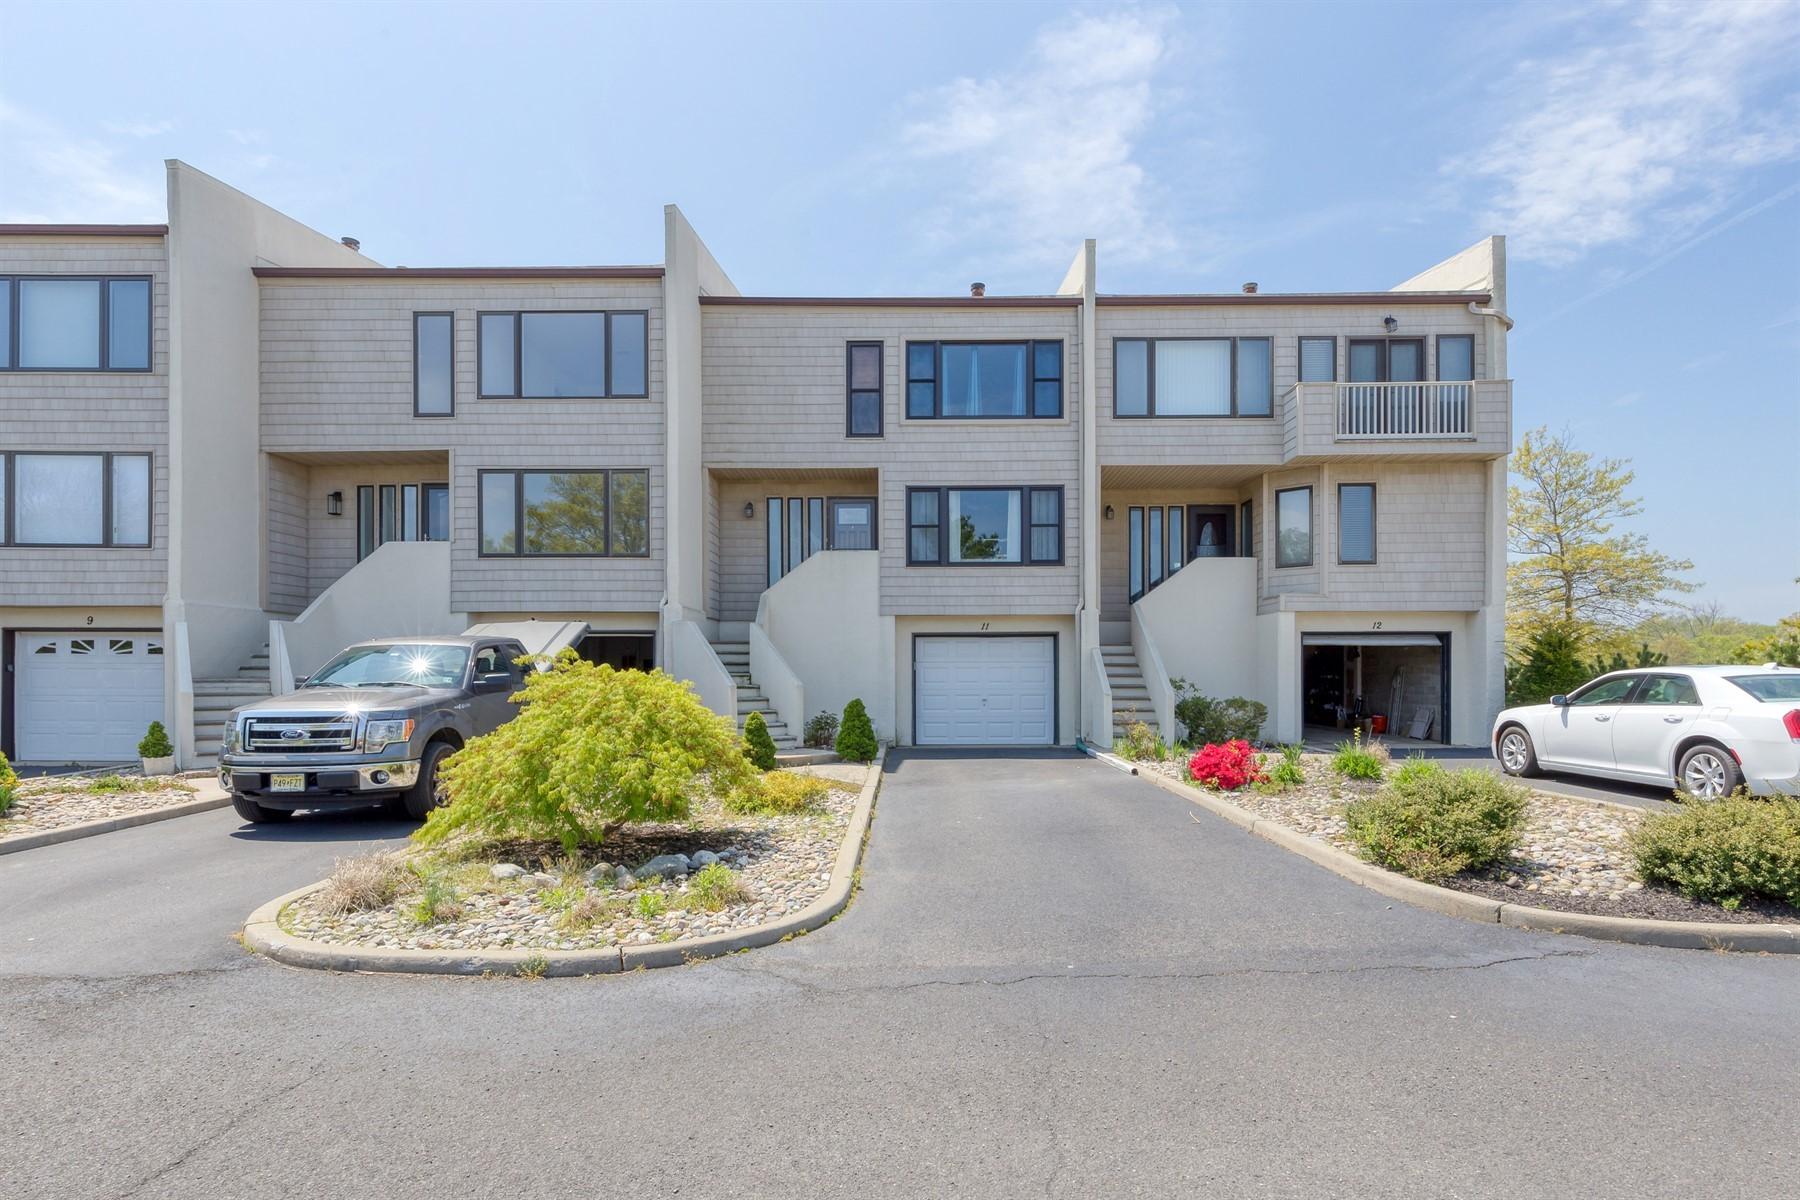 Single Family Homes для того Продажа на 57 Bridgewaters Drive 11 57 Bridgewaters 11, Oceanport, Нью-Джерси 07757 Соединенные Штаты